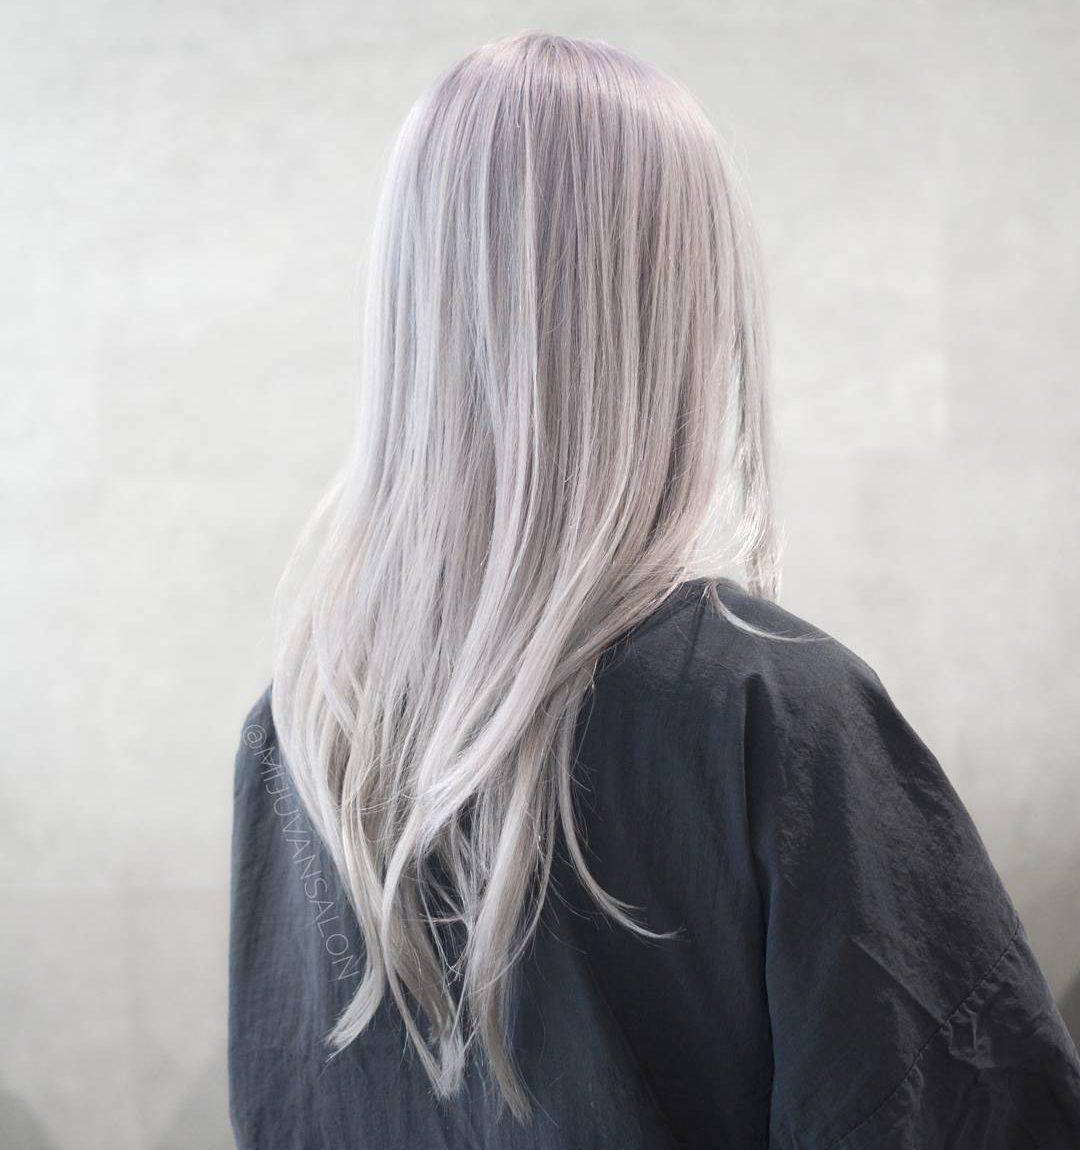 130 tagli di capelli lunghi per il 2017 da non perdere!